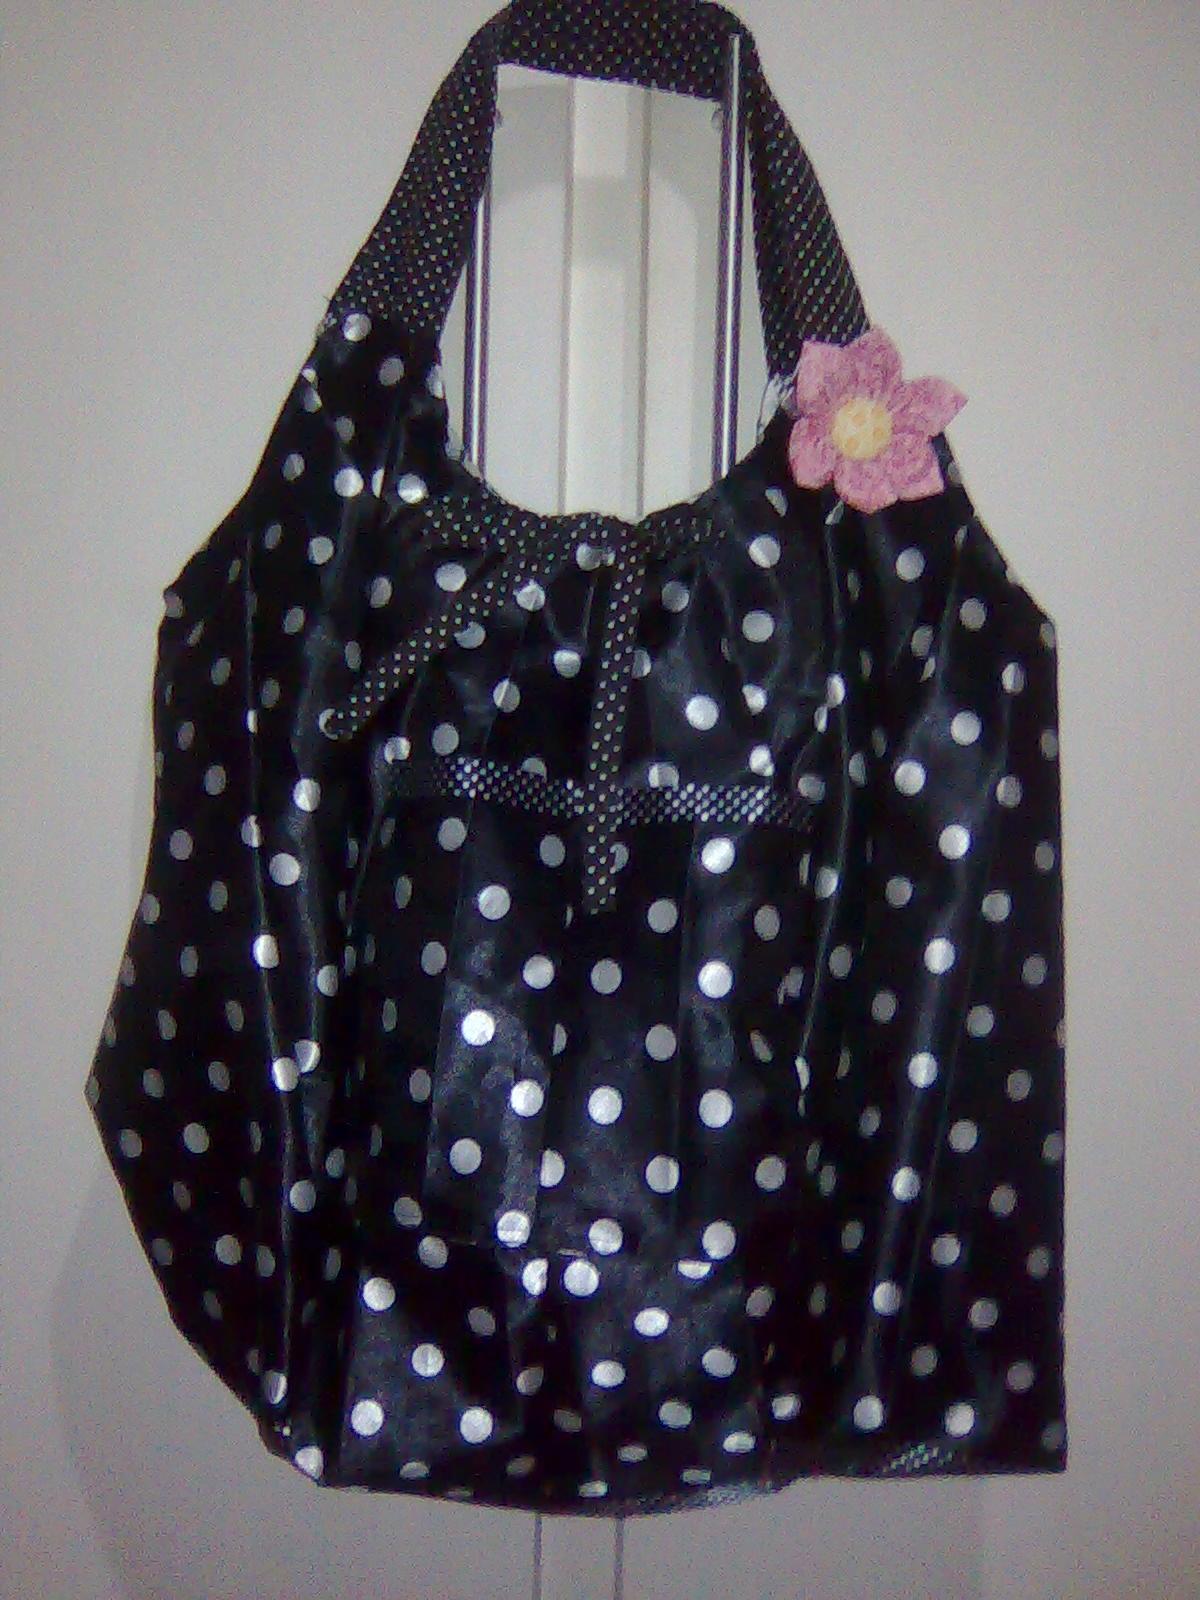 Bolsa Feita Com Tecido De Sombrinha : Nani arteira bolsa de pano sombrinha